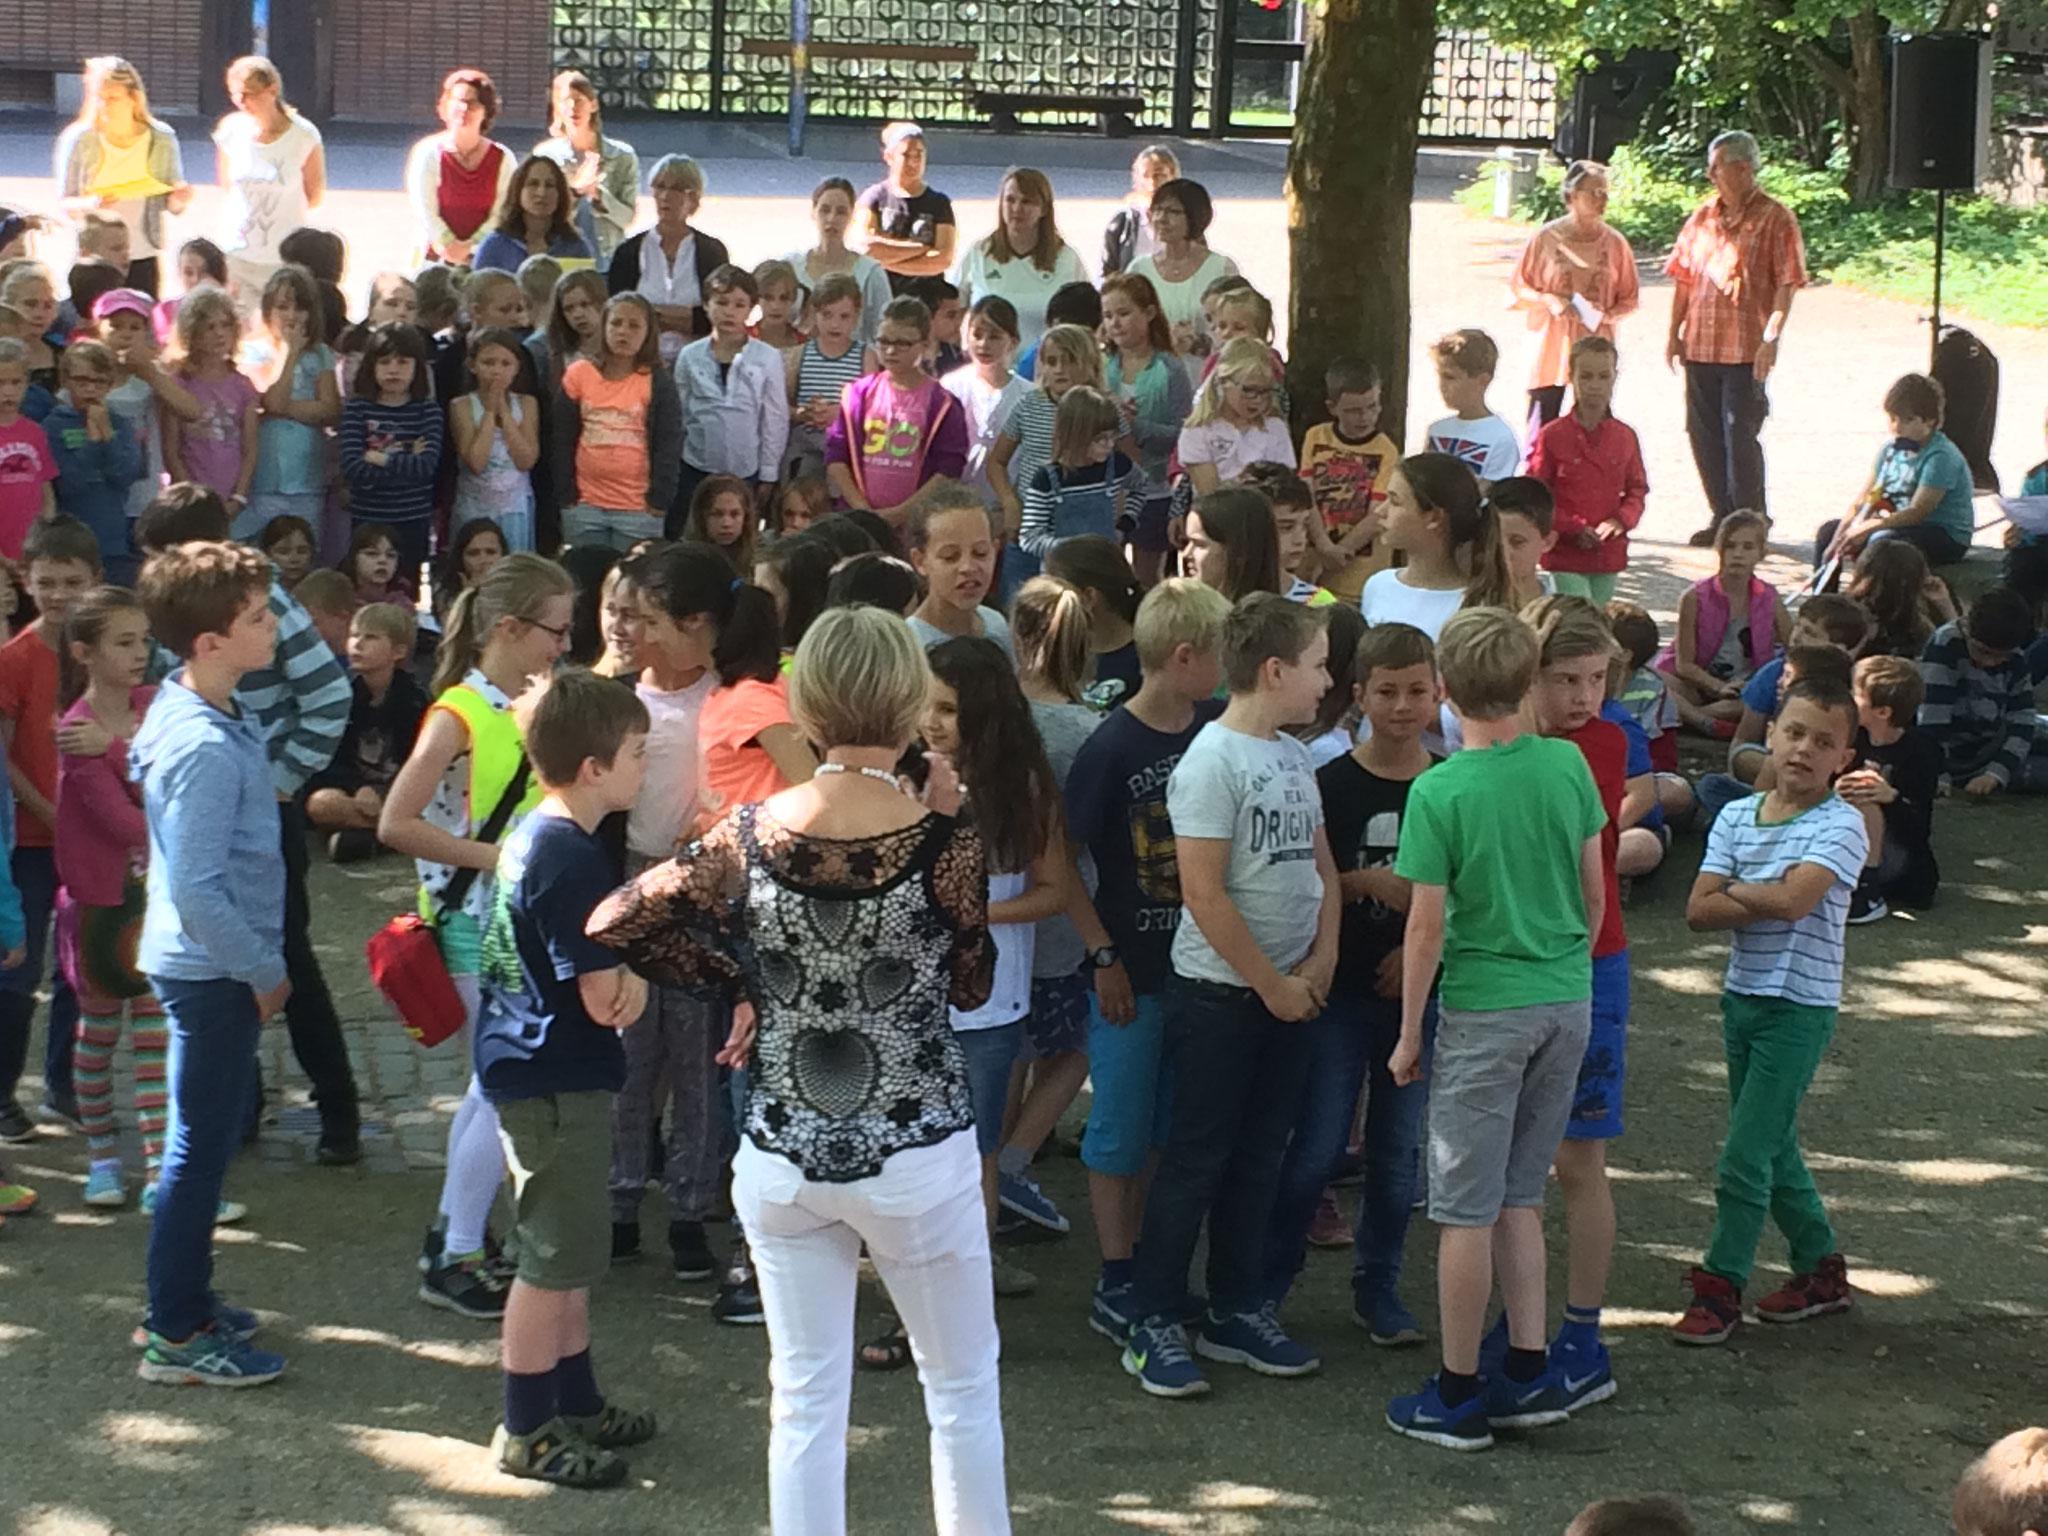 Unsere Schulsanis erhalten einen Extra-Applaus von der ganzen Schulgemeinde.